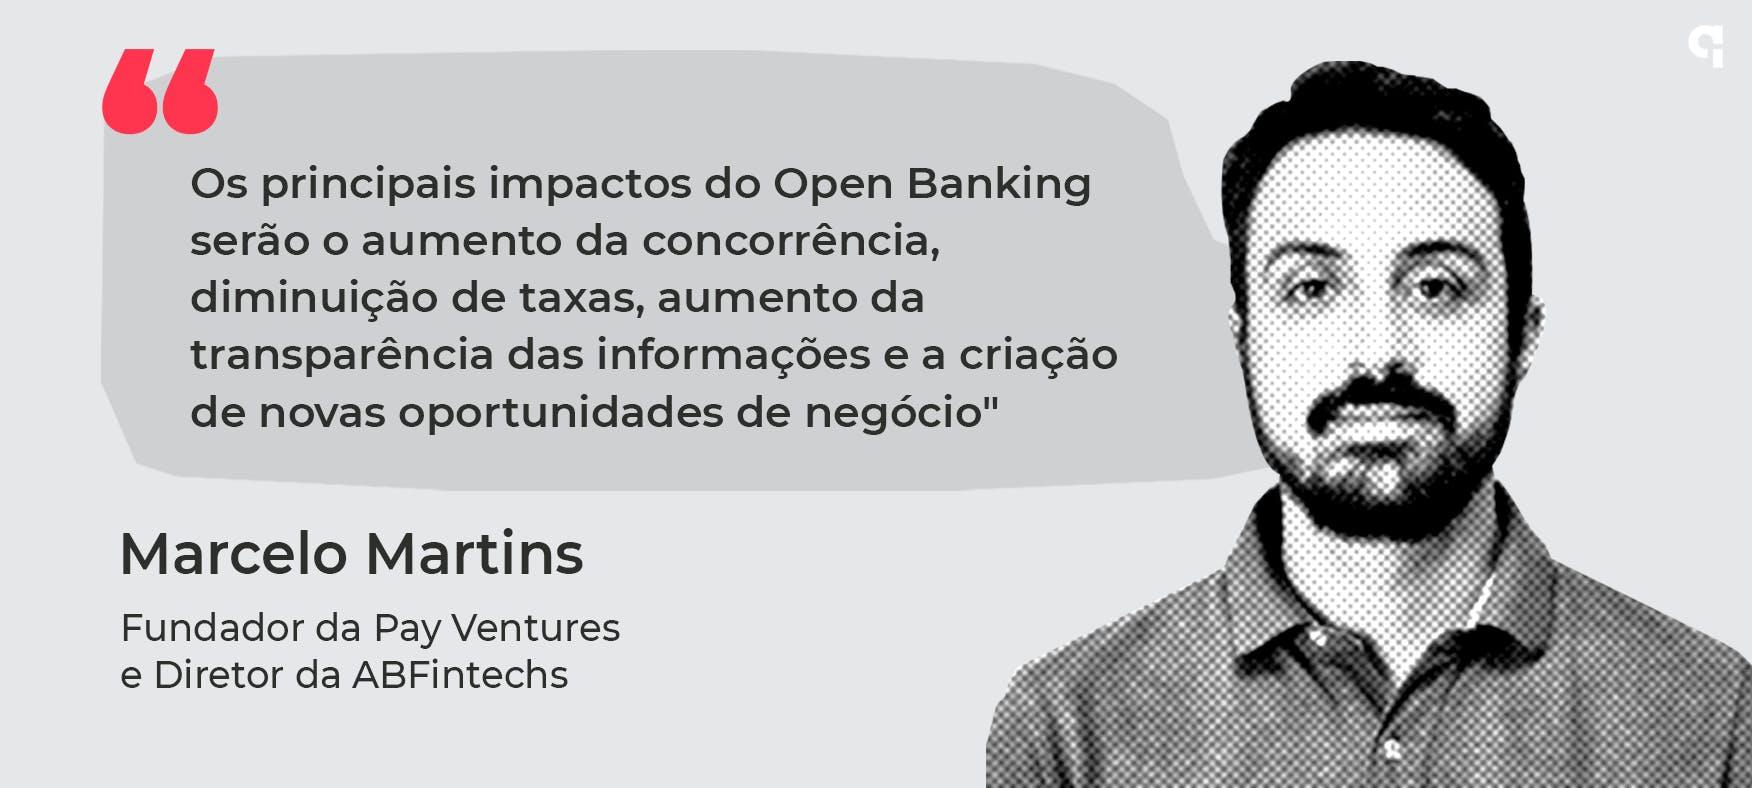 Marcelo Martins - Fundador da Pay Ventures e Diretor da ABFintechs